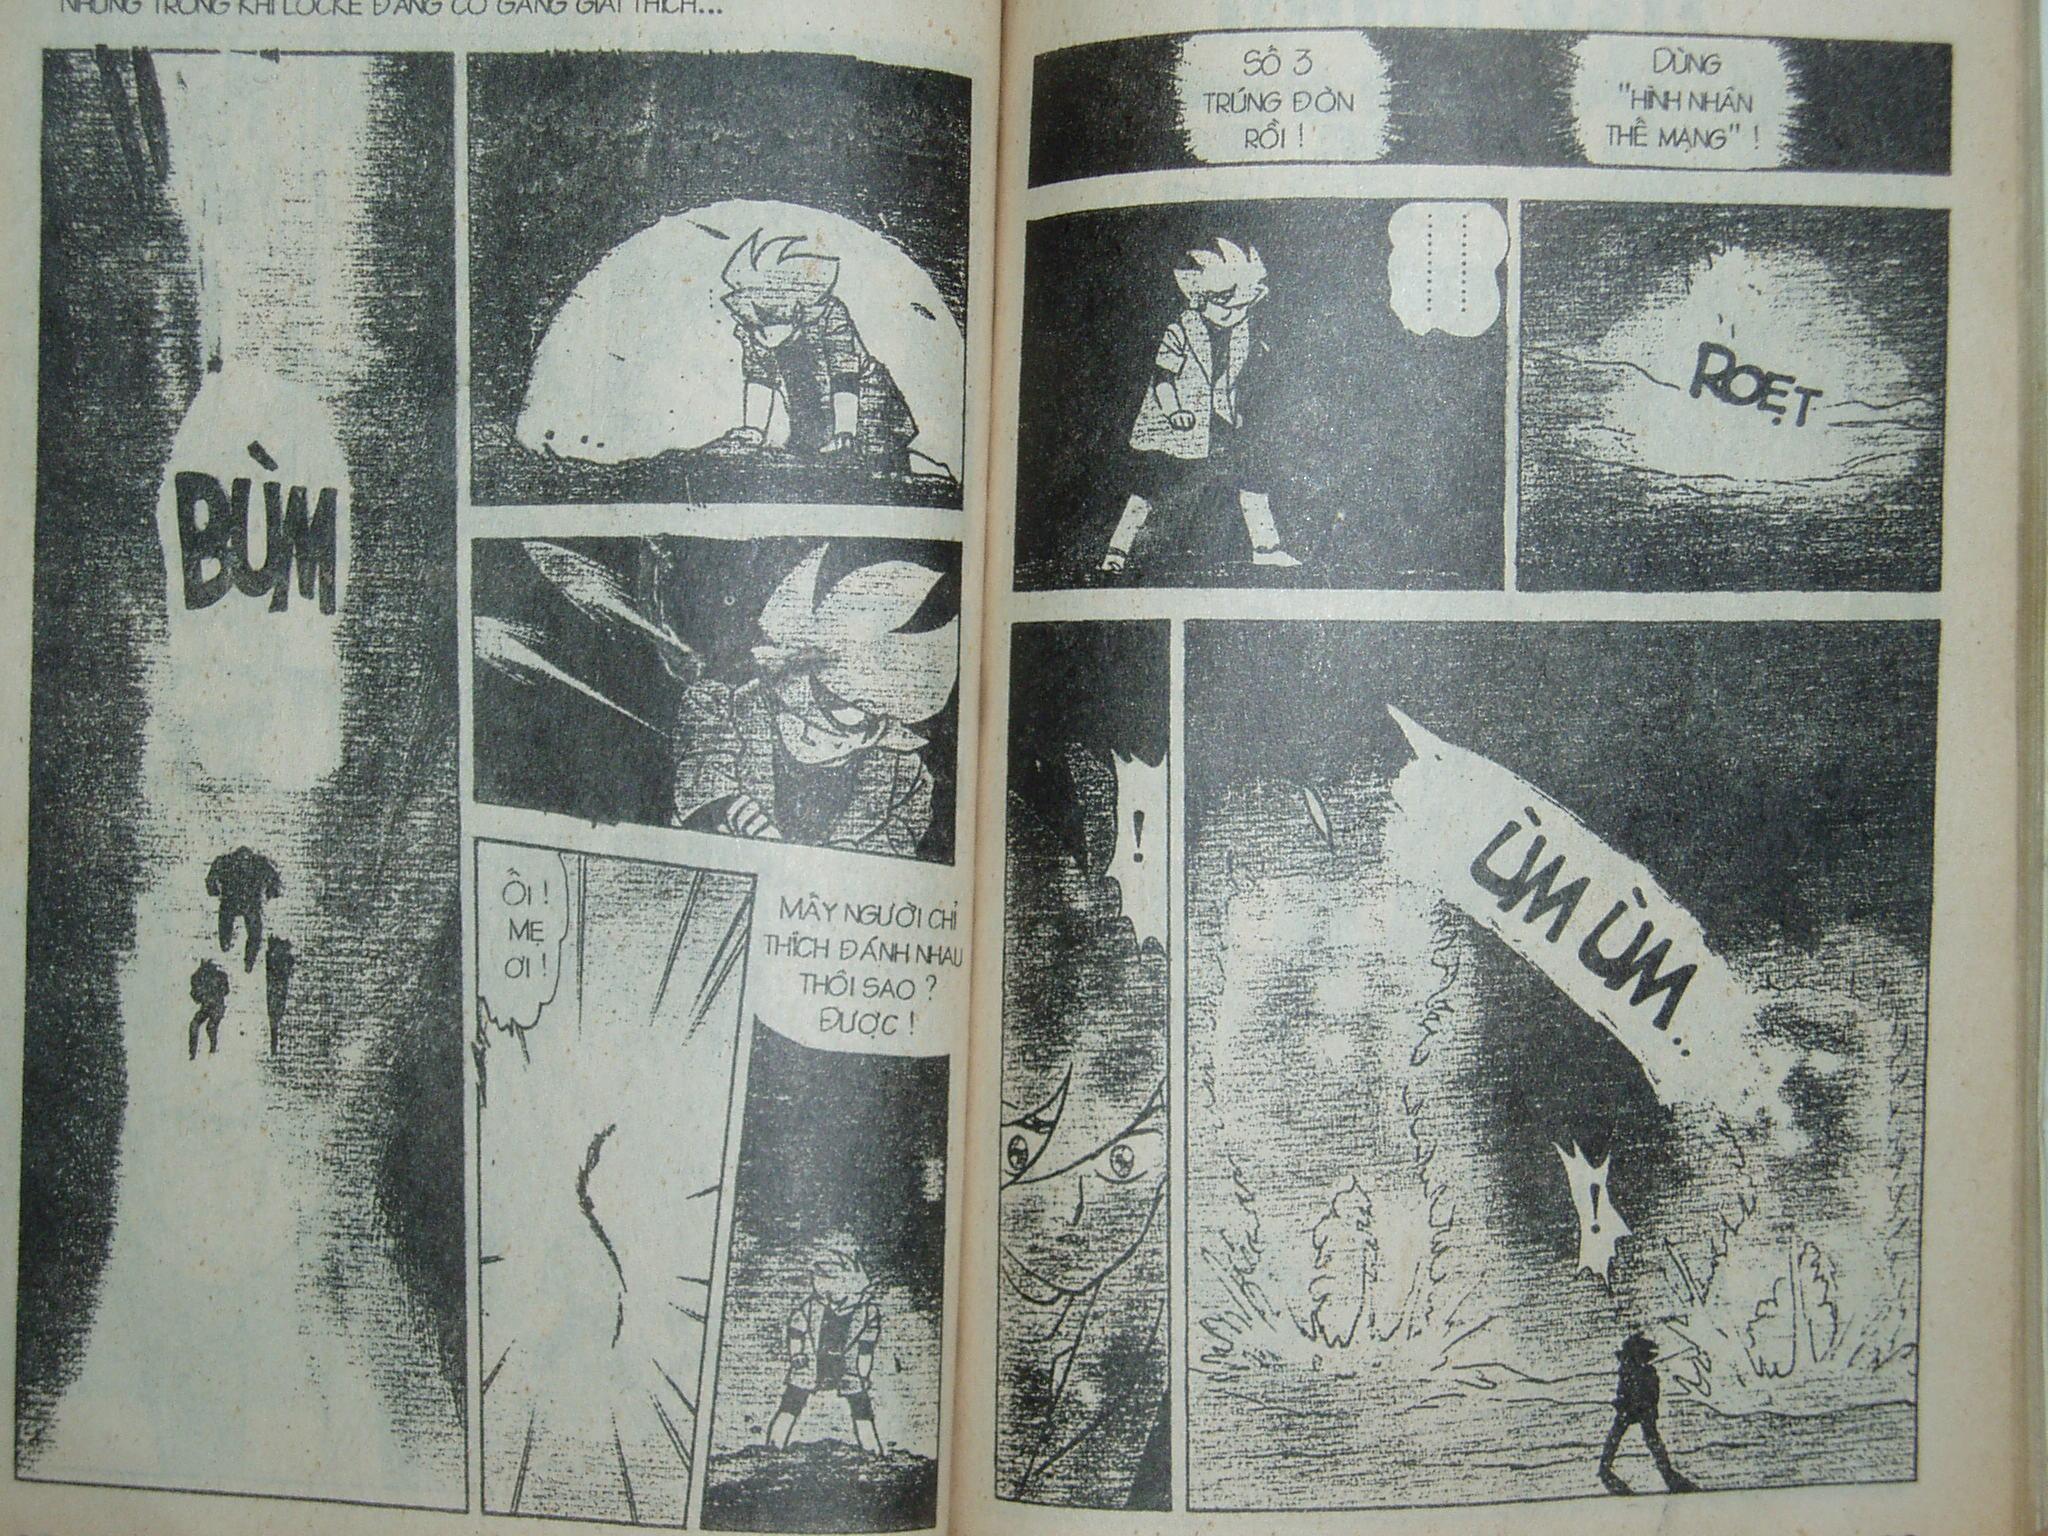 Siêu nhân Locke vol 17 trang 40